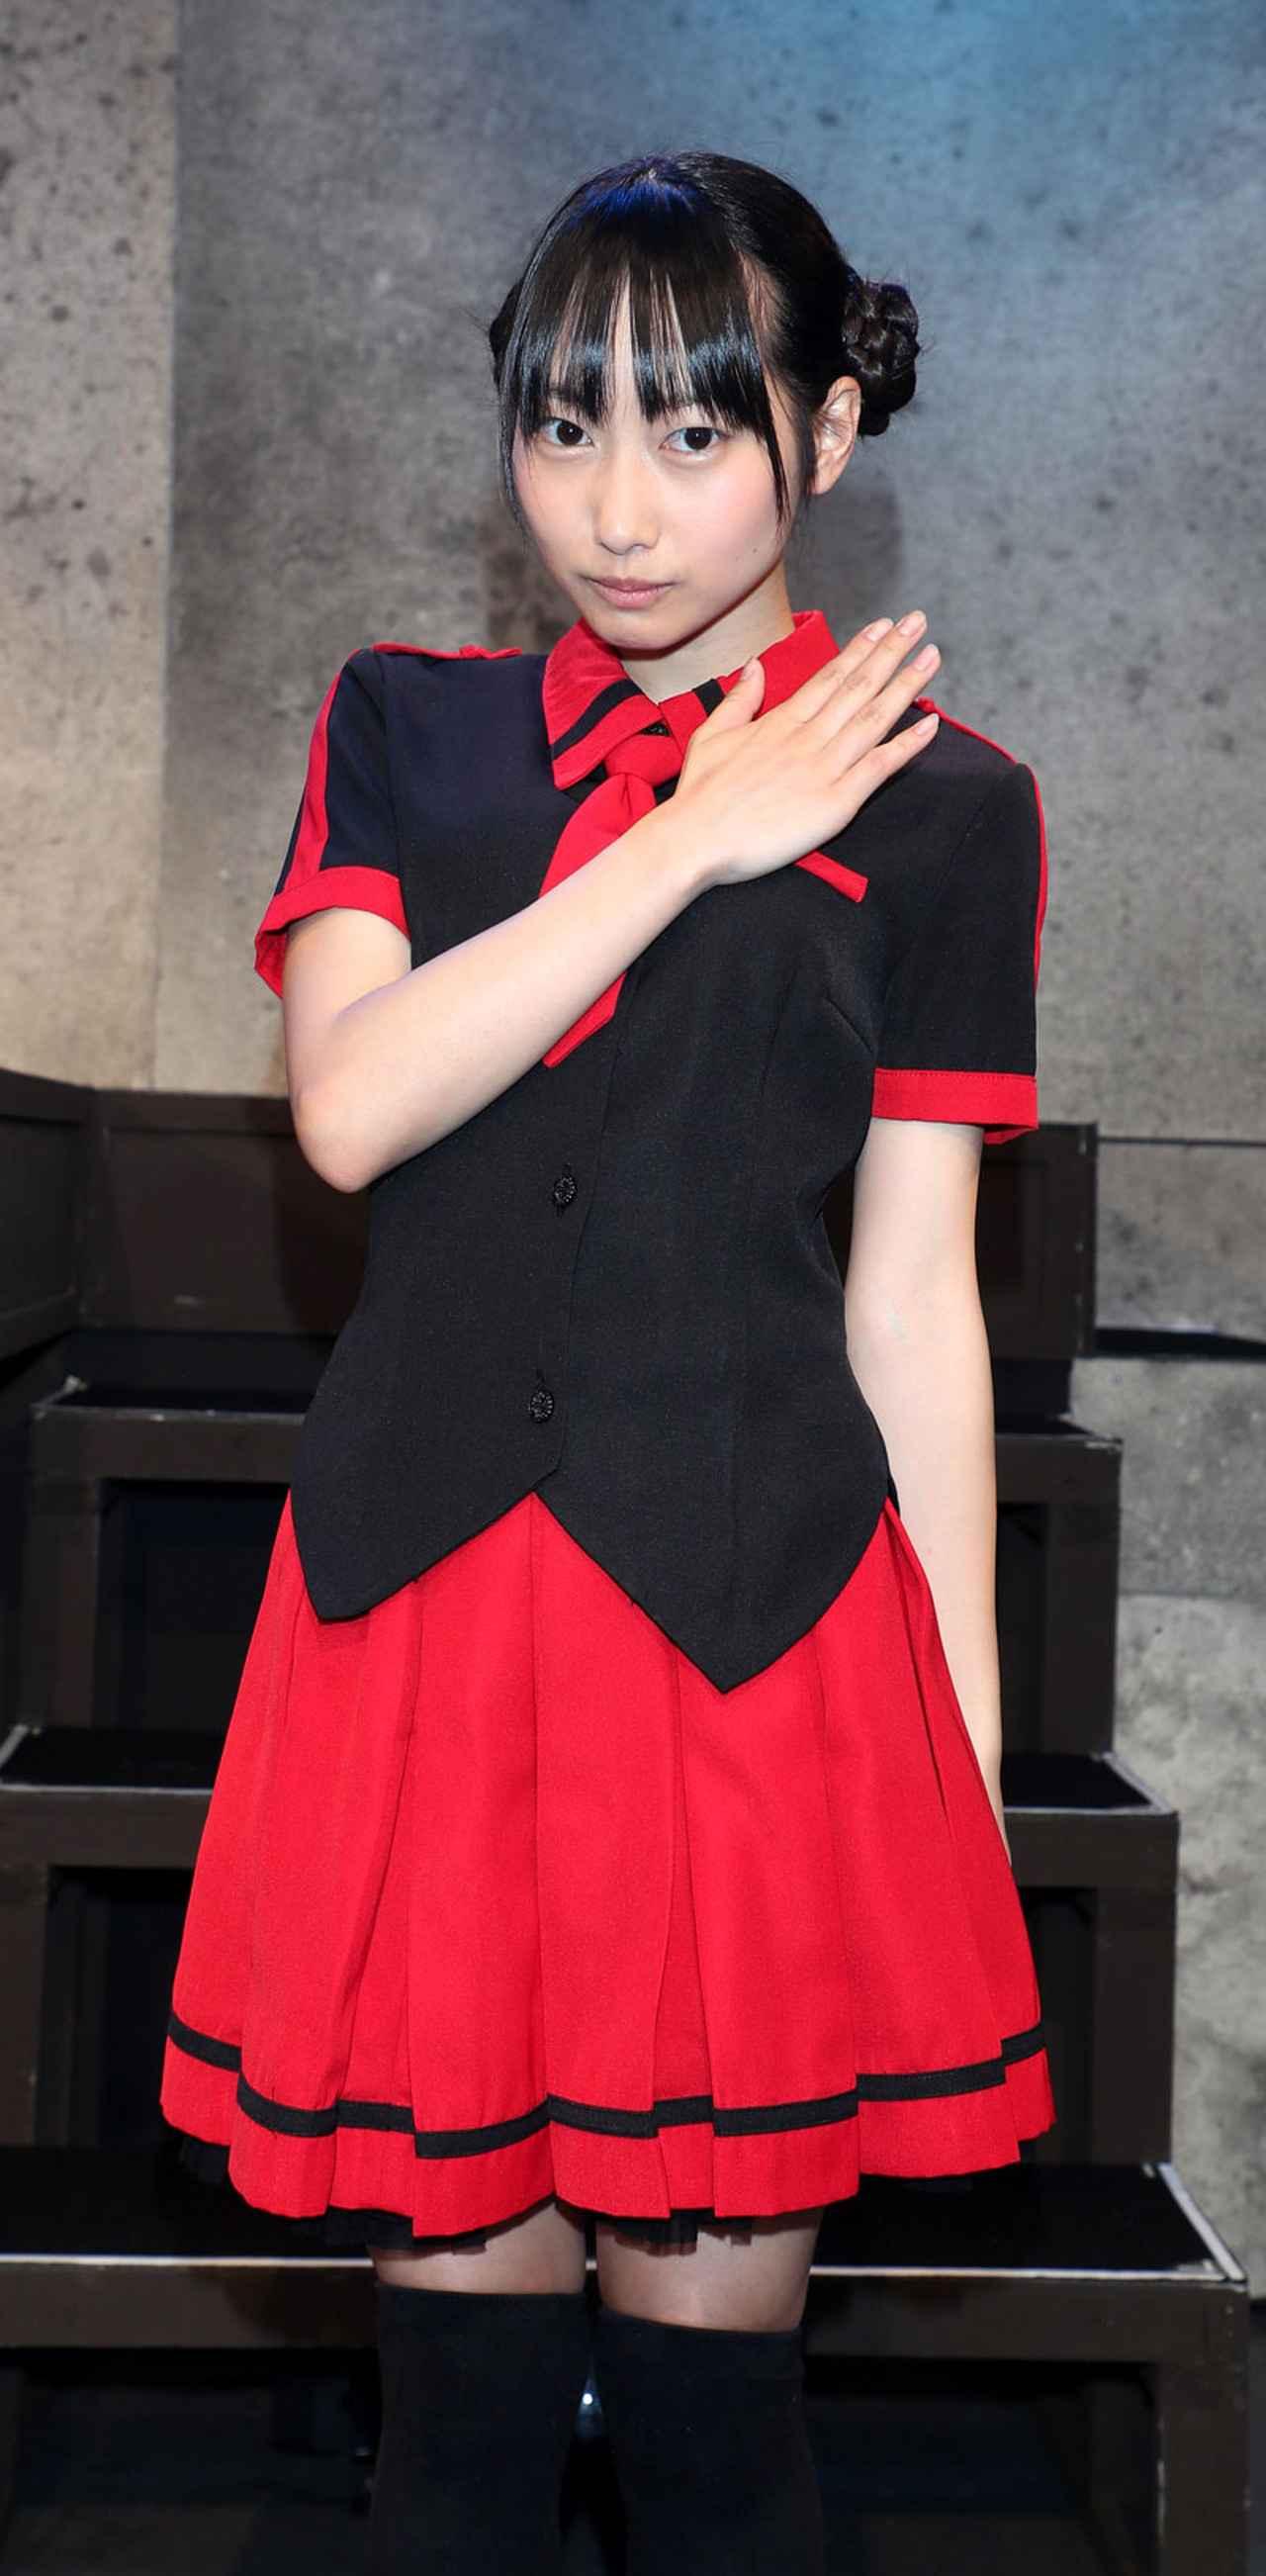 Images : 3番目の画像 - 「夏野香波/舞台『降臨Hearts』で、凛とした役をキュートに、スゥイートに、プリティに、チャーミングに演じきった!」のアルバム - Stereo Sound ONLINE